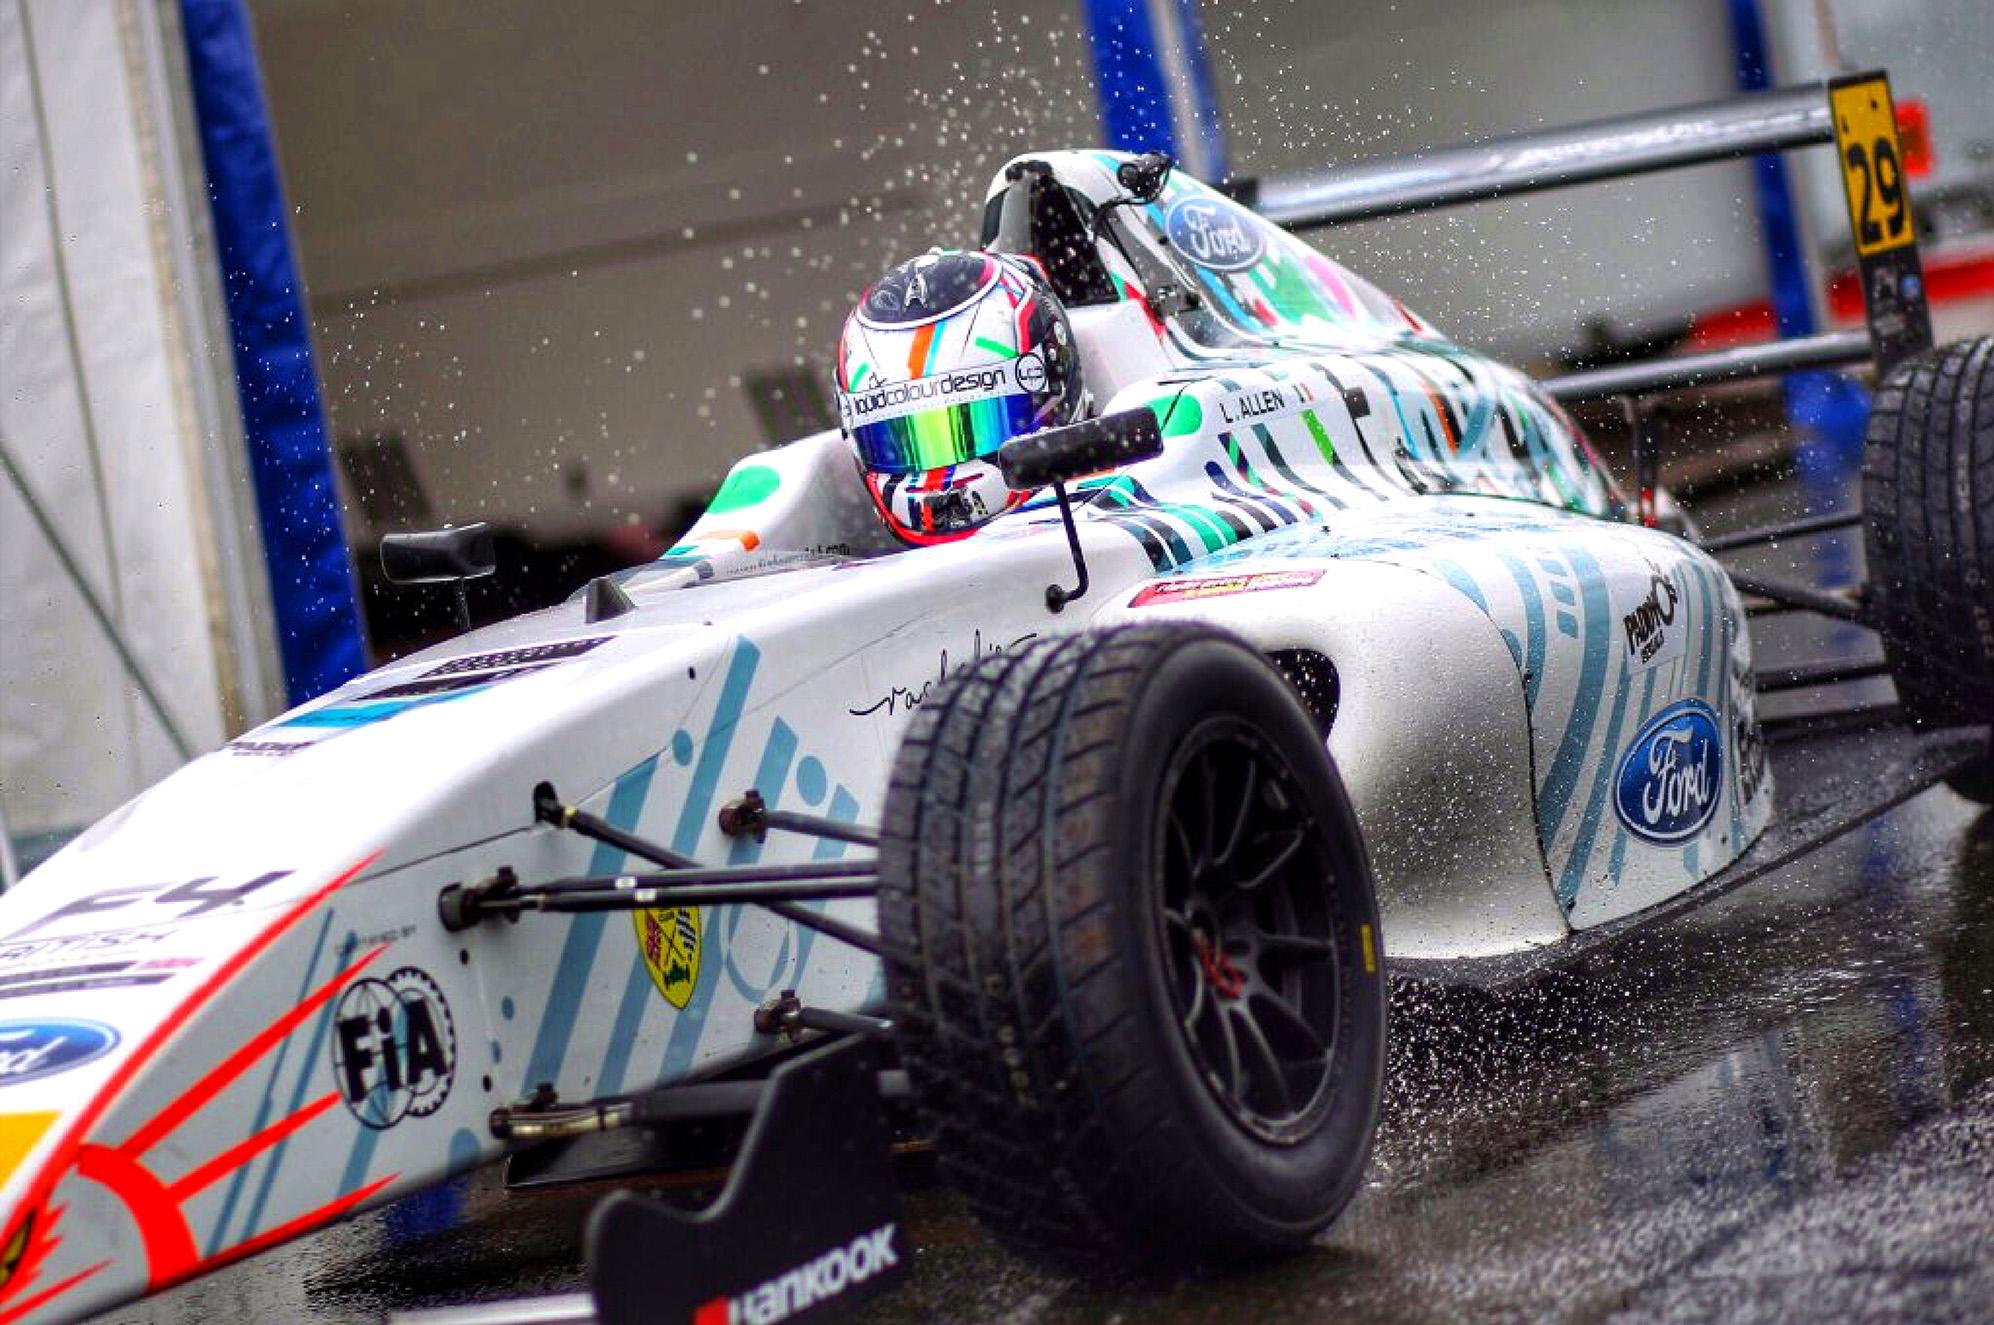 Cover image: Formula 4 Livery design